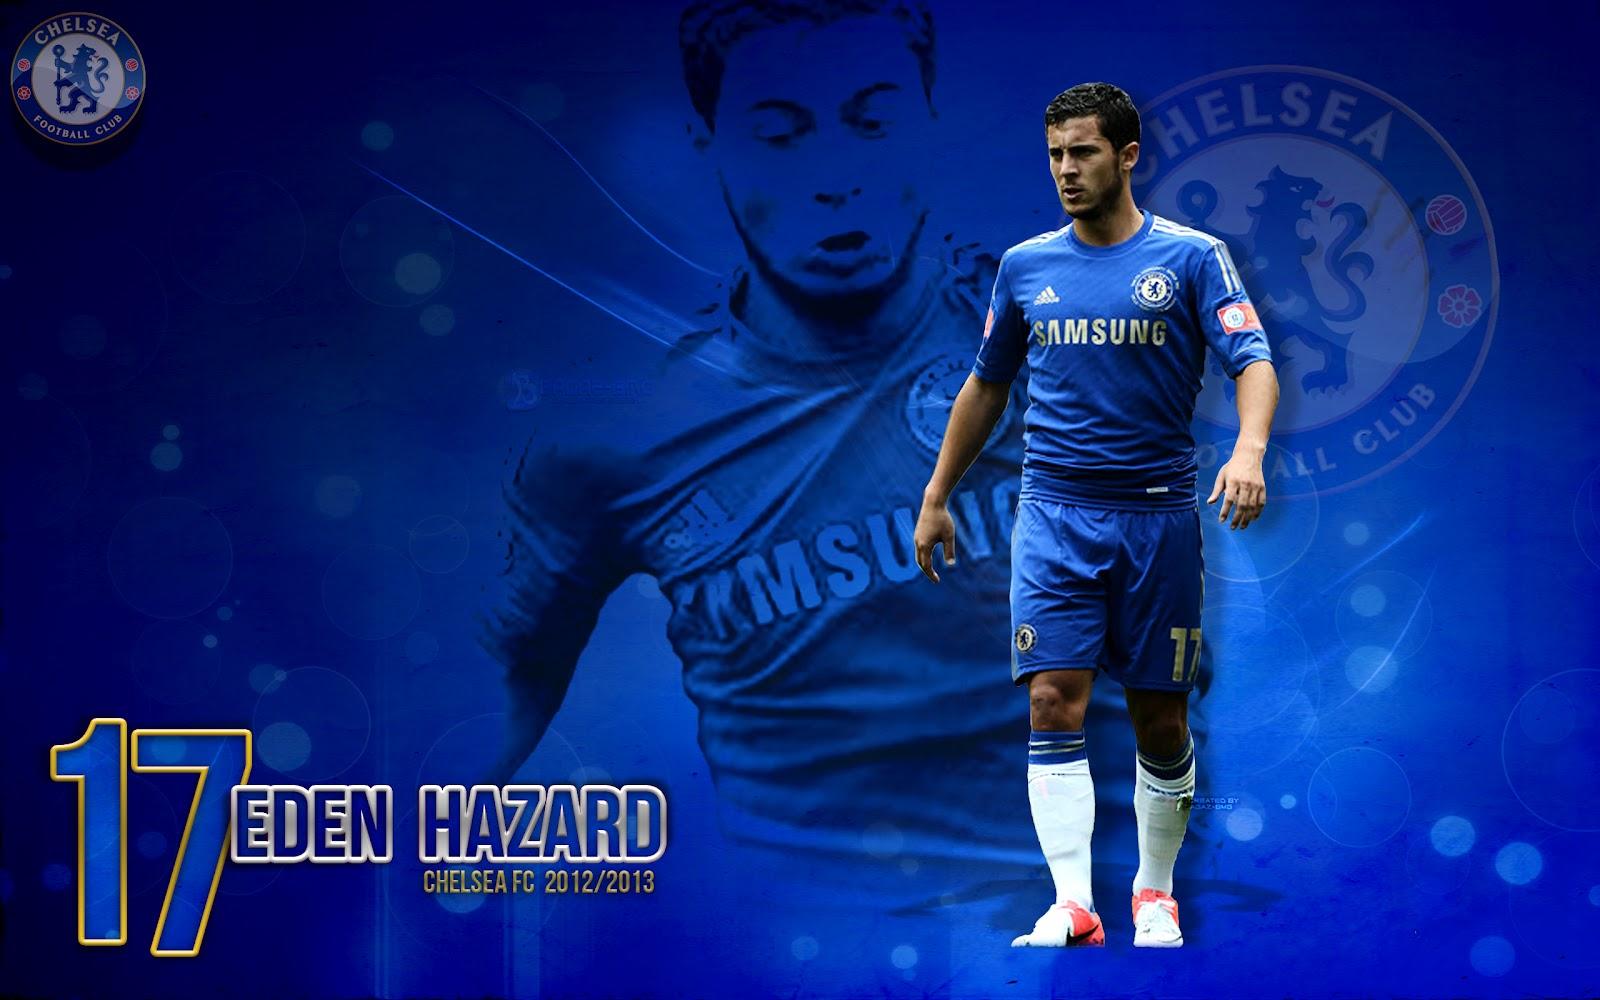 Chelsea Start Screen PES 2013